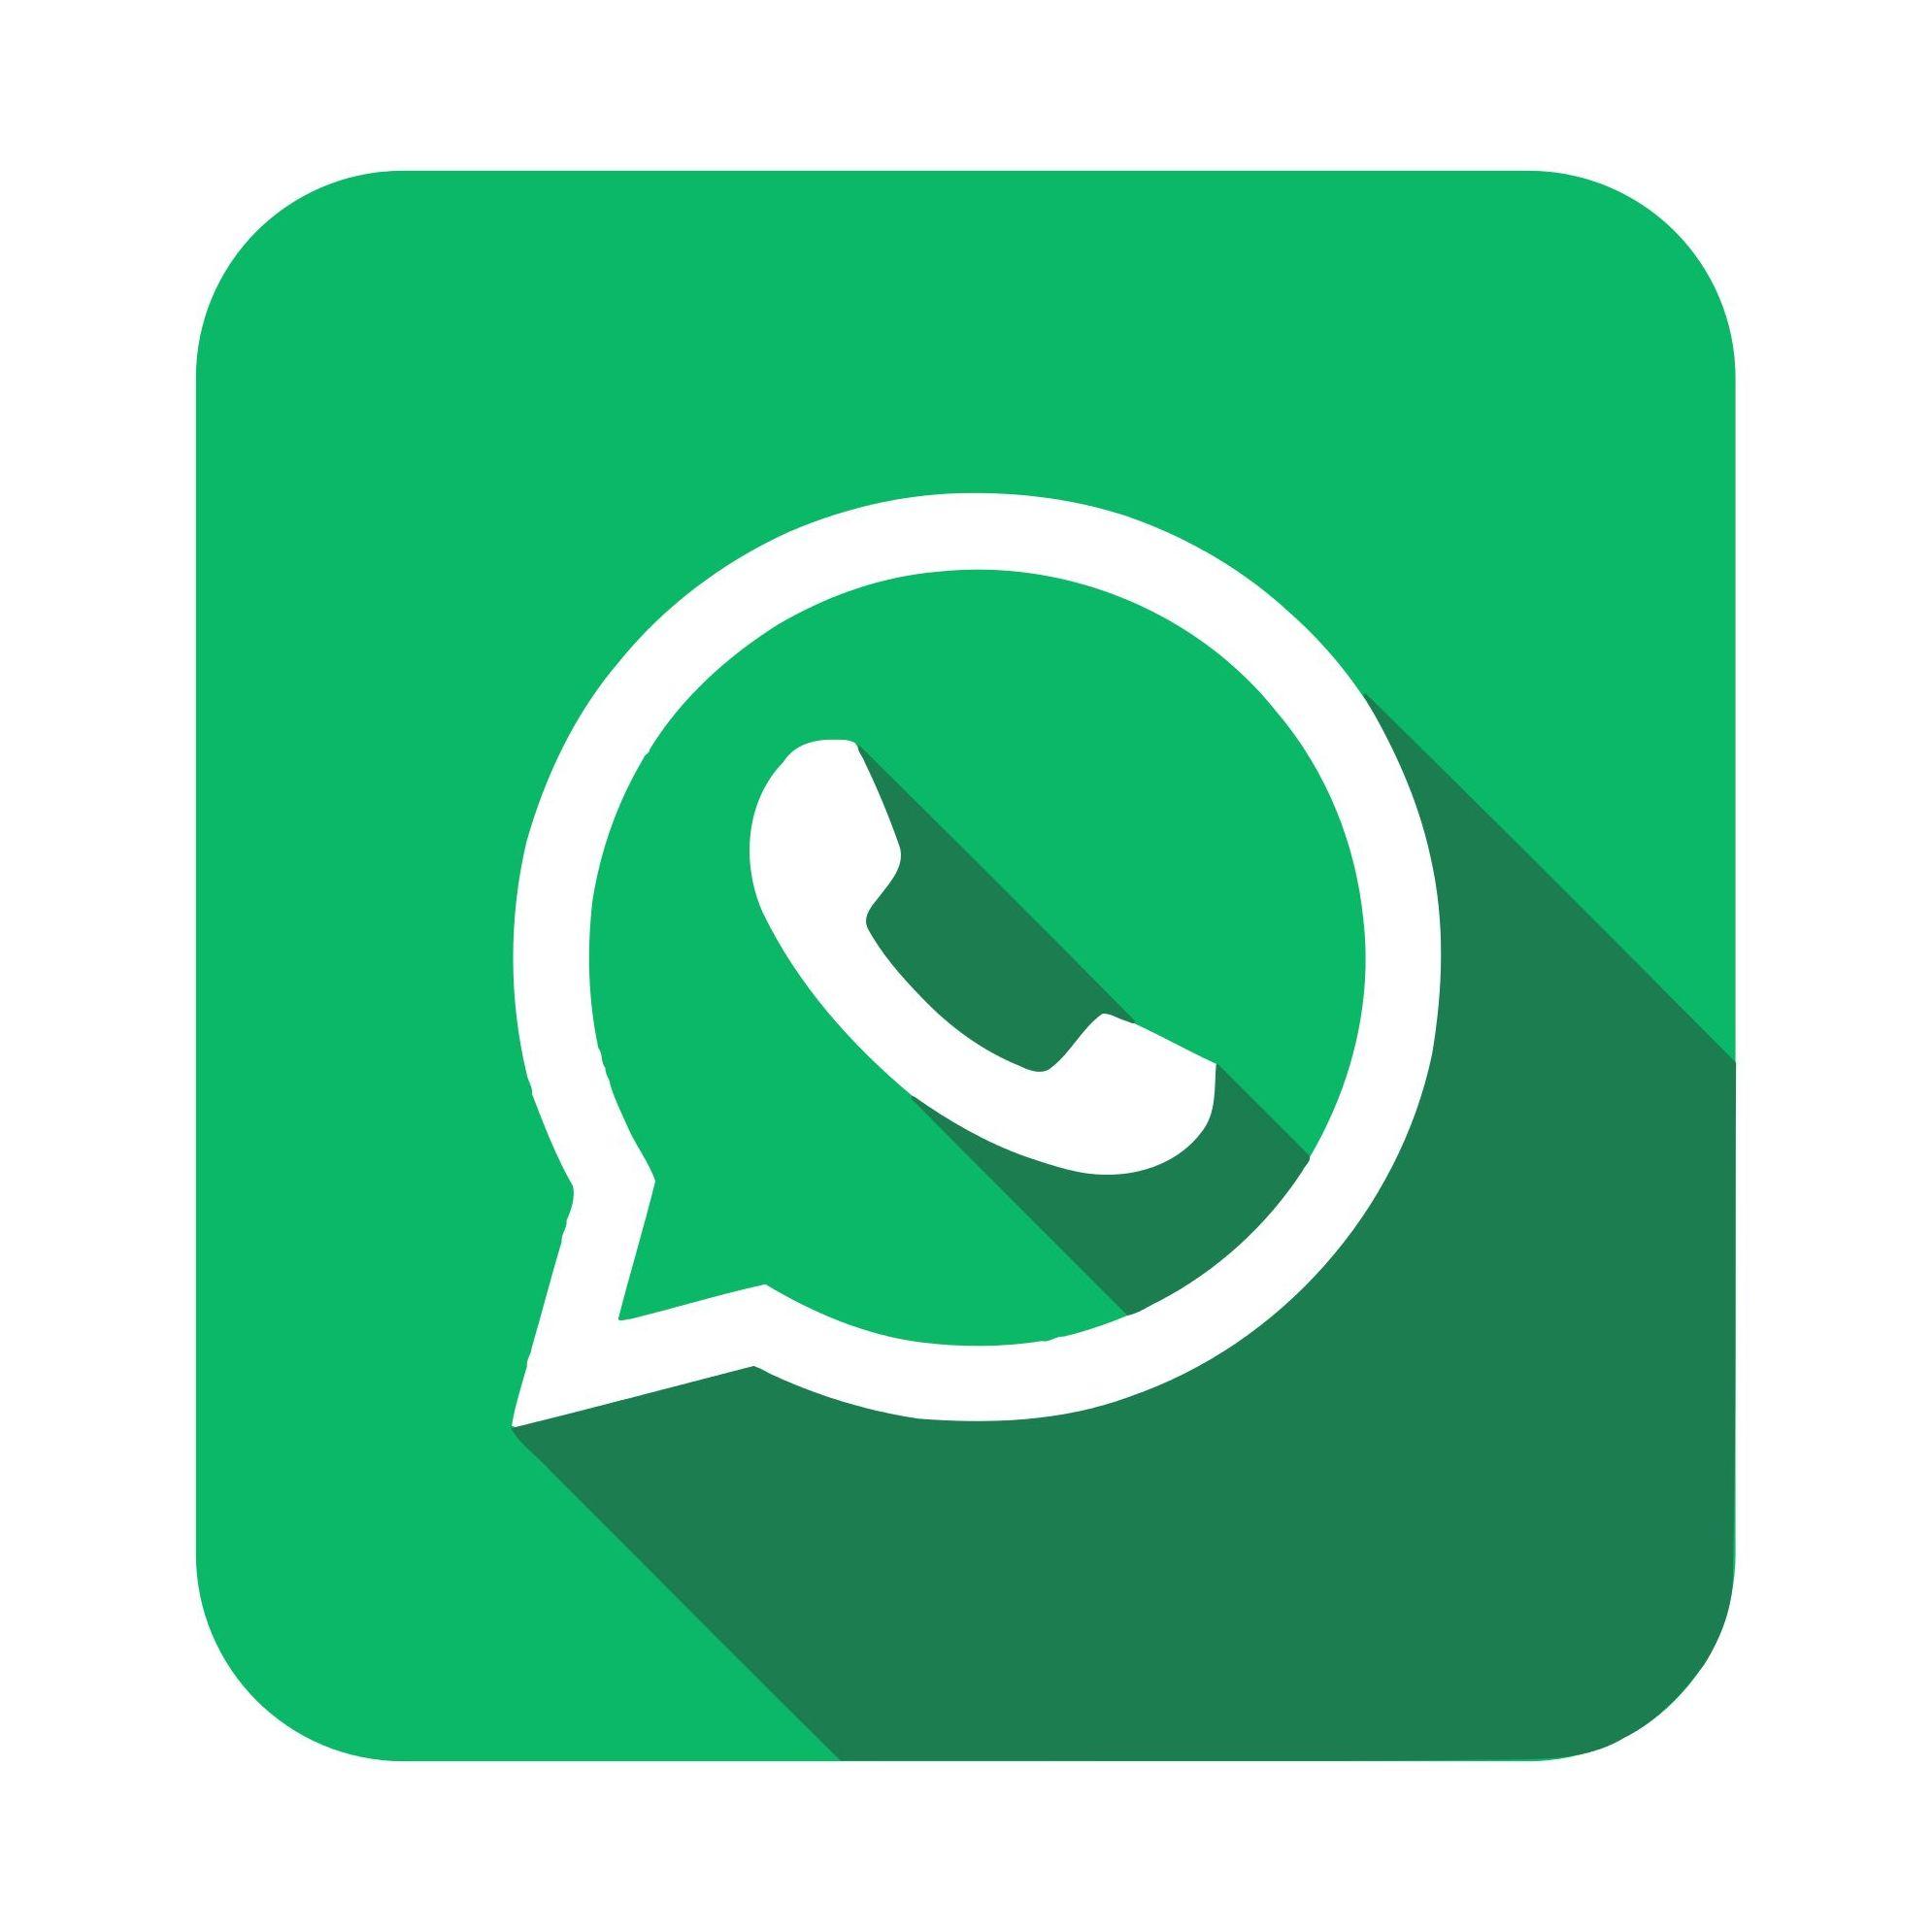 Puedes hacer tu pedido por WhatsApp